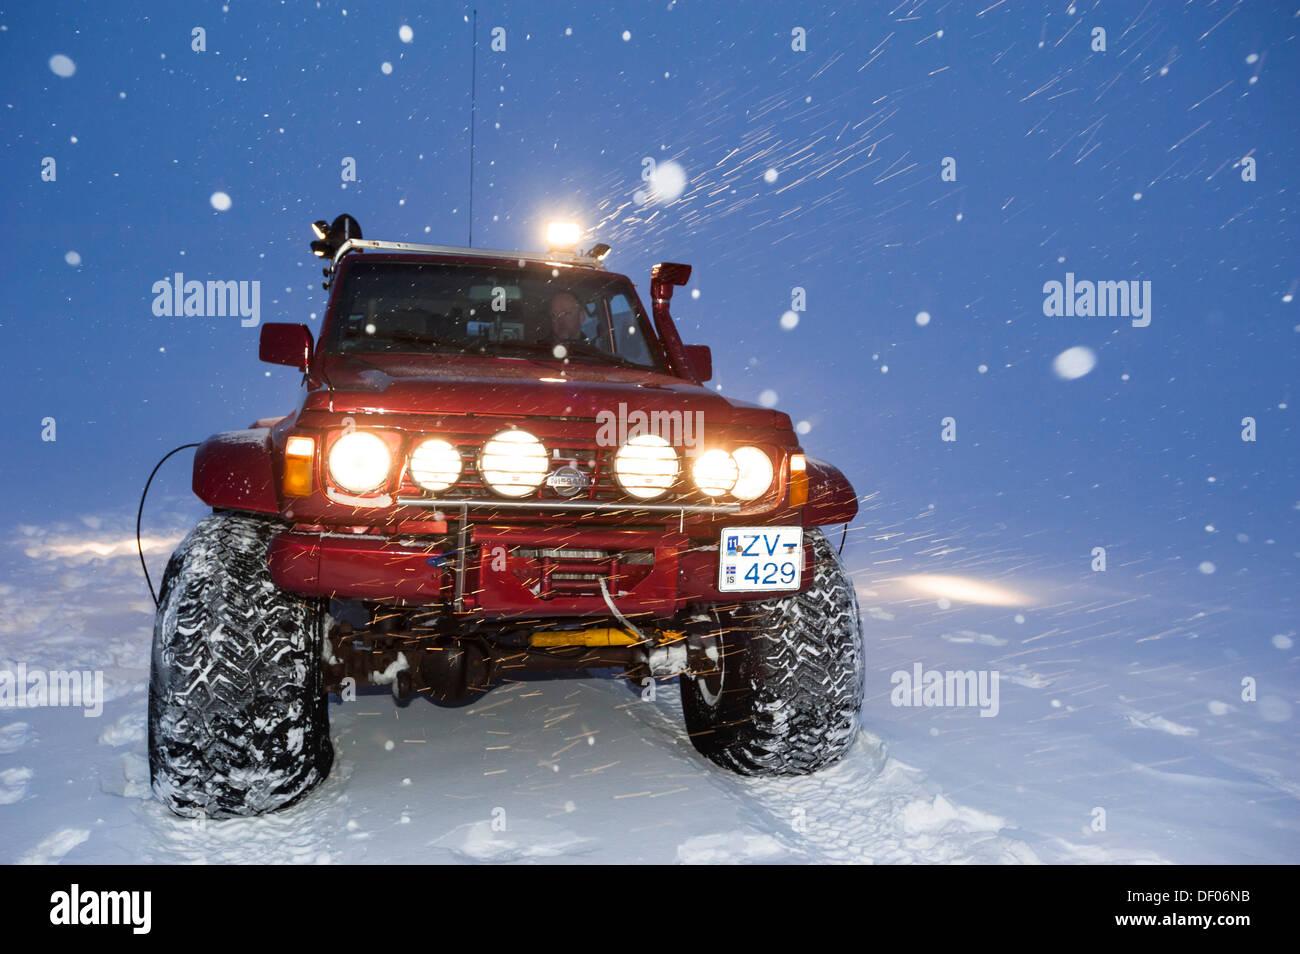 Super-Jeep in einem Schneesturm, winter Landschaft, Vatnajoekull Gletscher, isländische Hochland, Island, Europa Stockbild